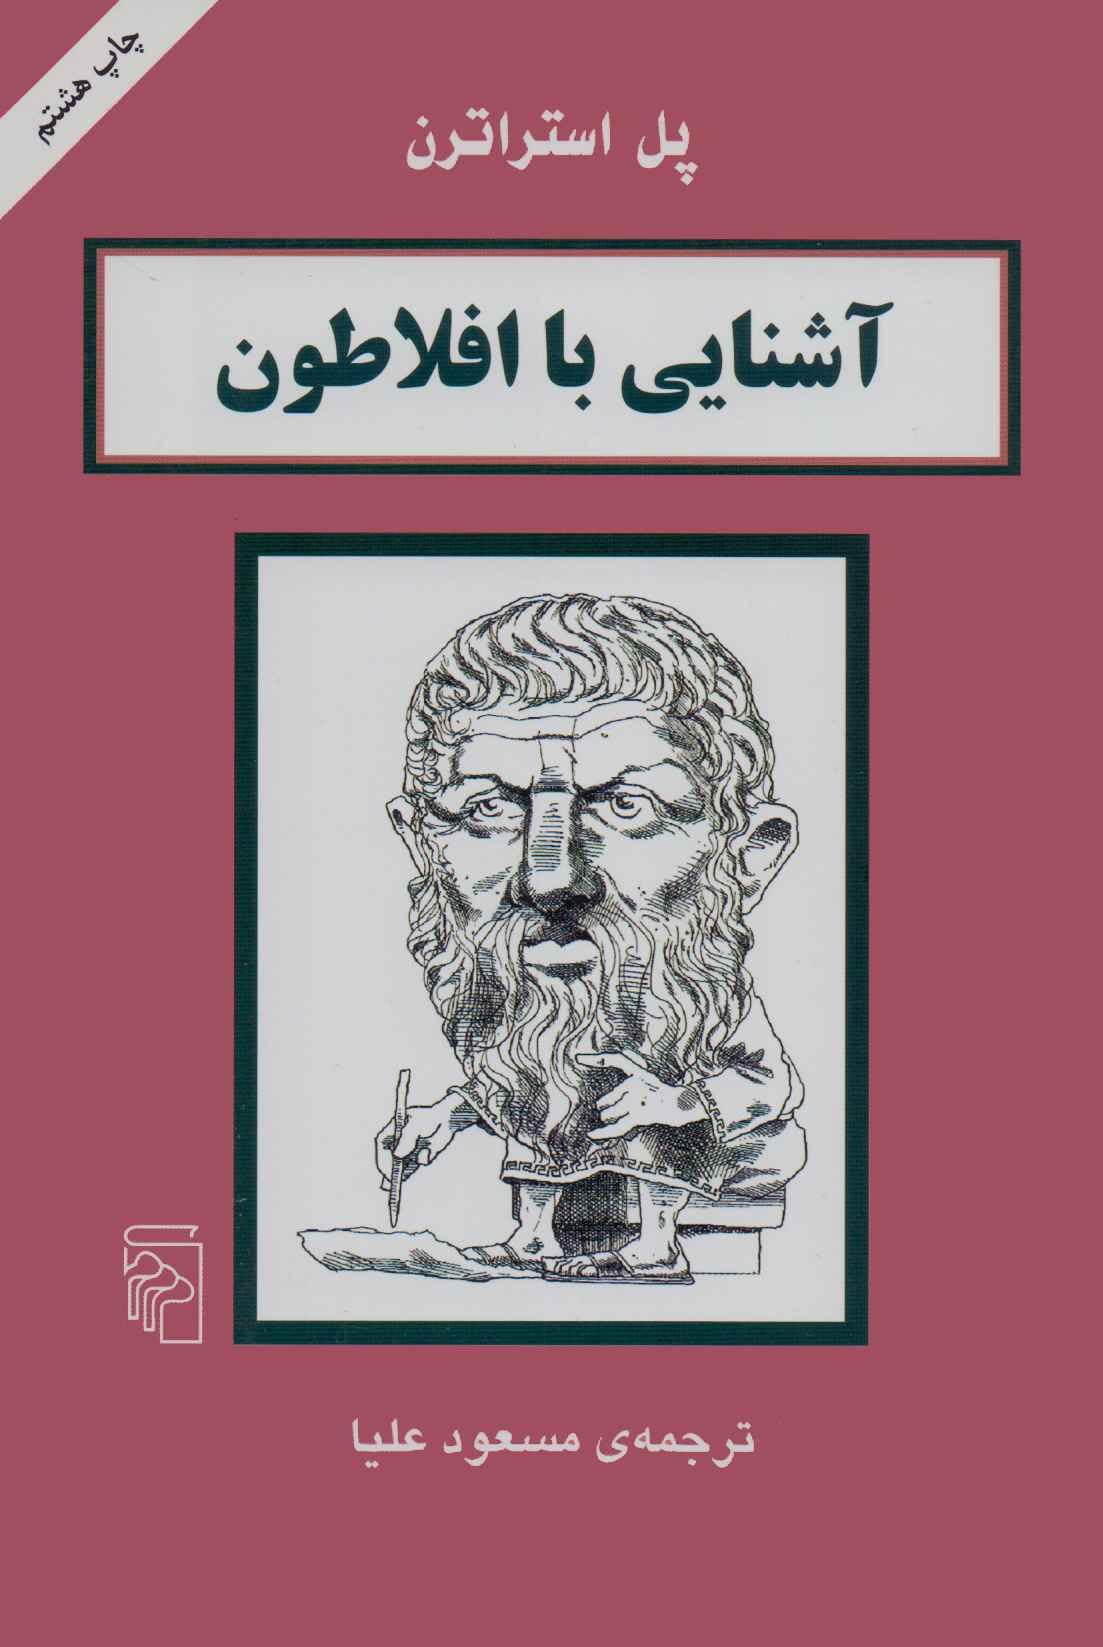 کتاب آشنایی با افلاطون